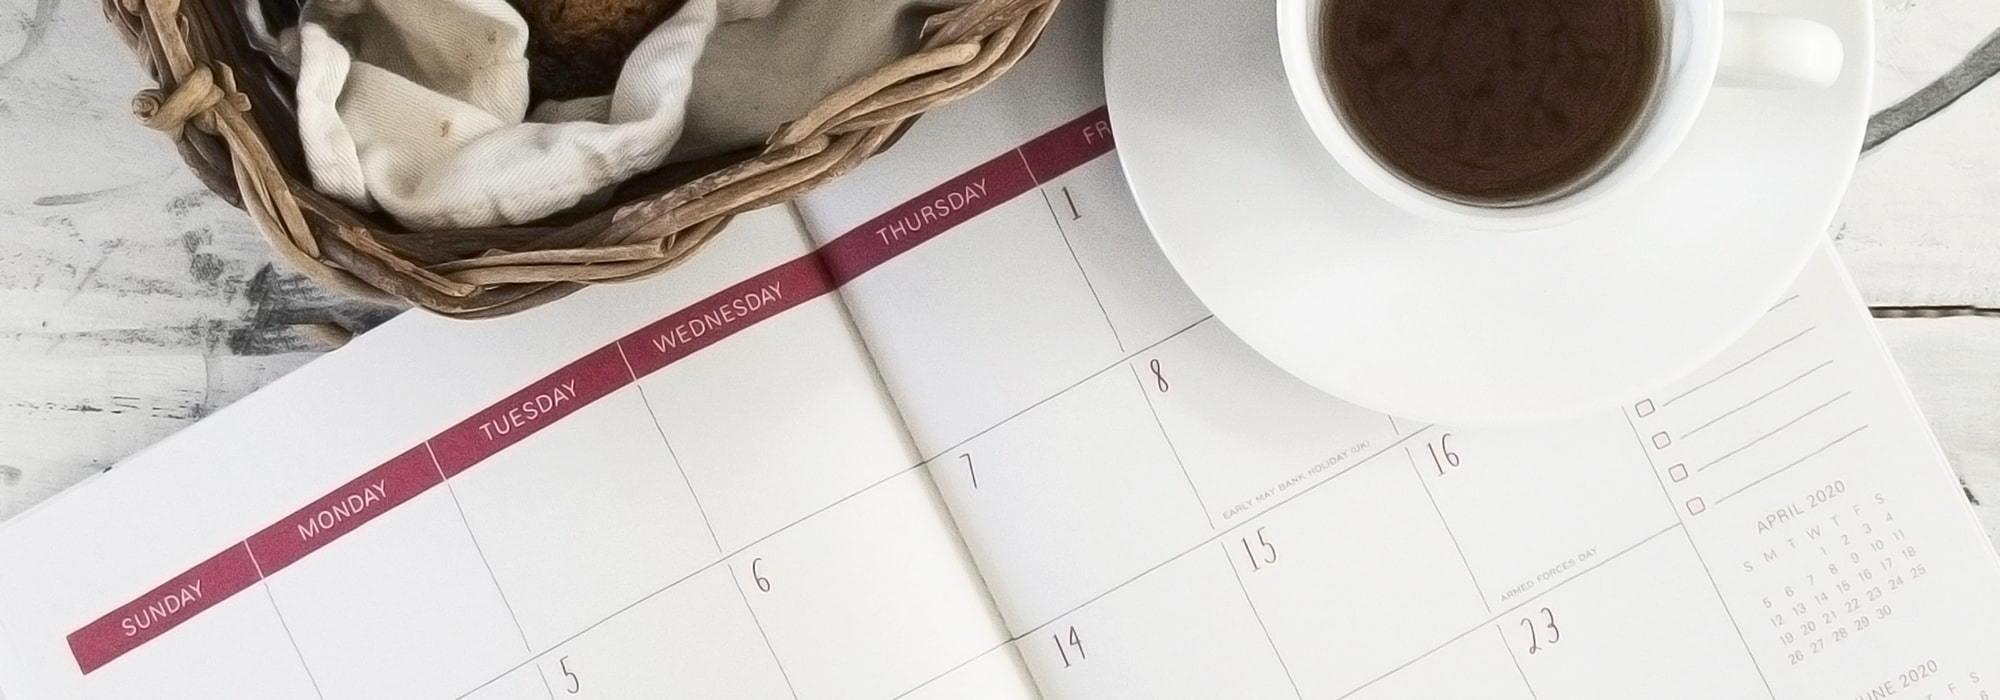 2021復活節兒童節假期攻略|Kama Delivery到會外賣速遞專家